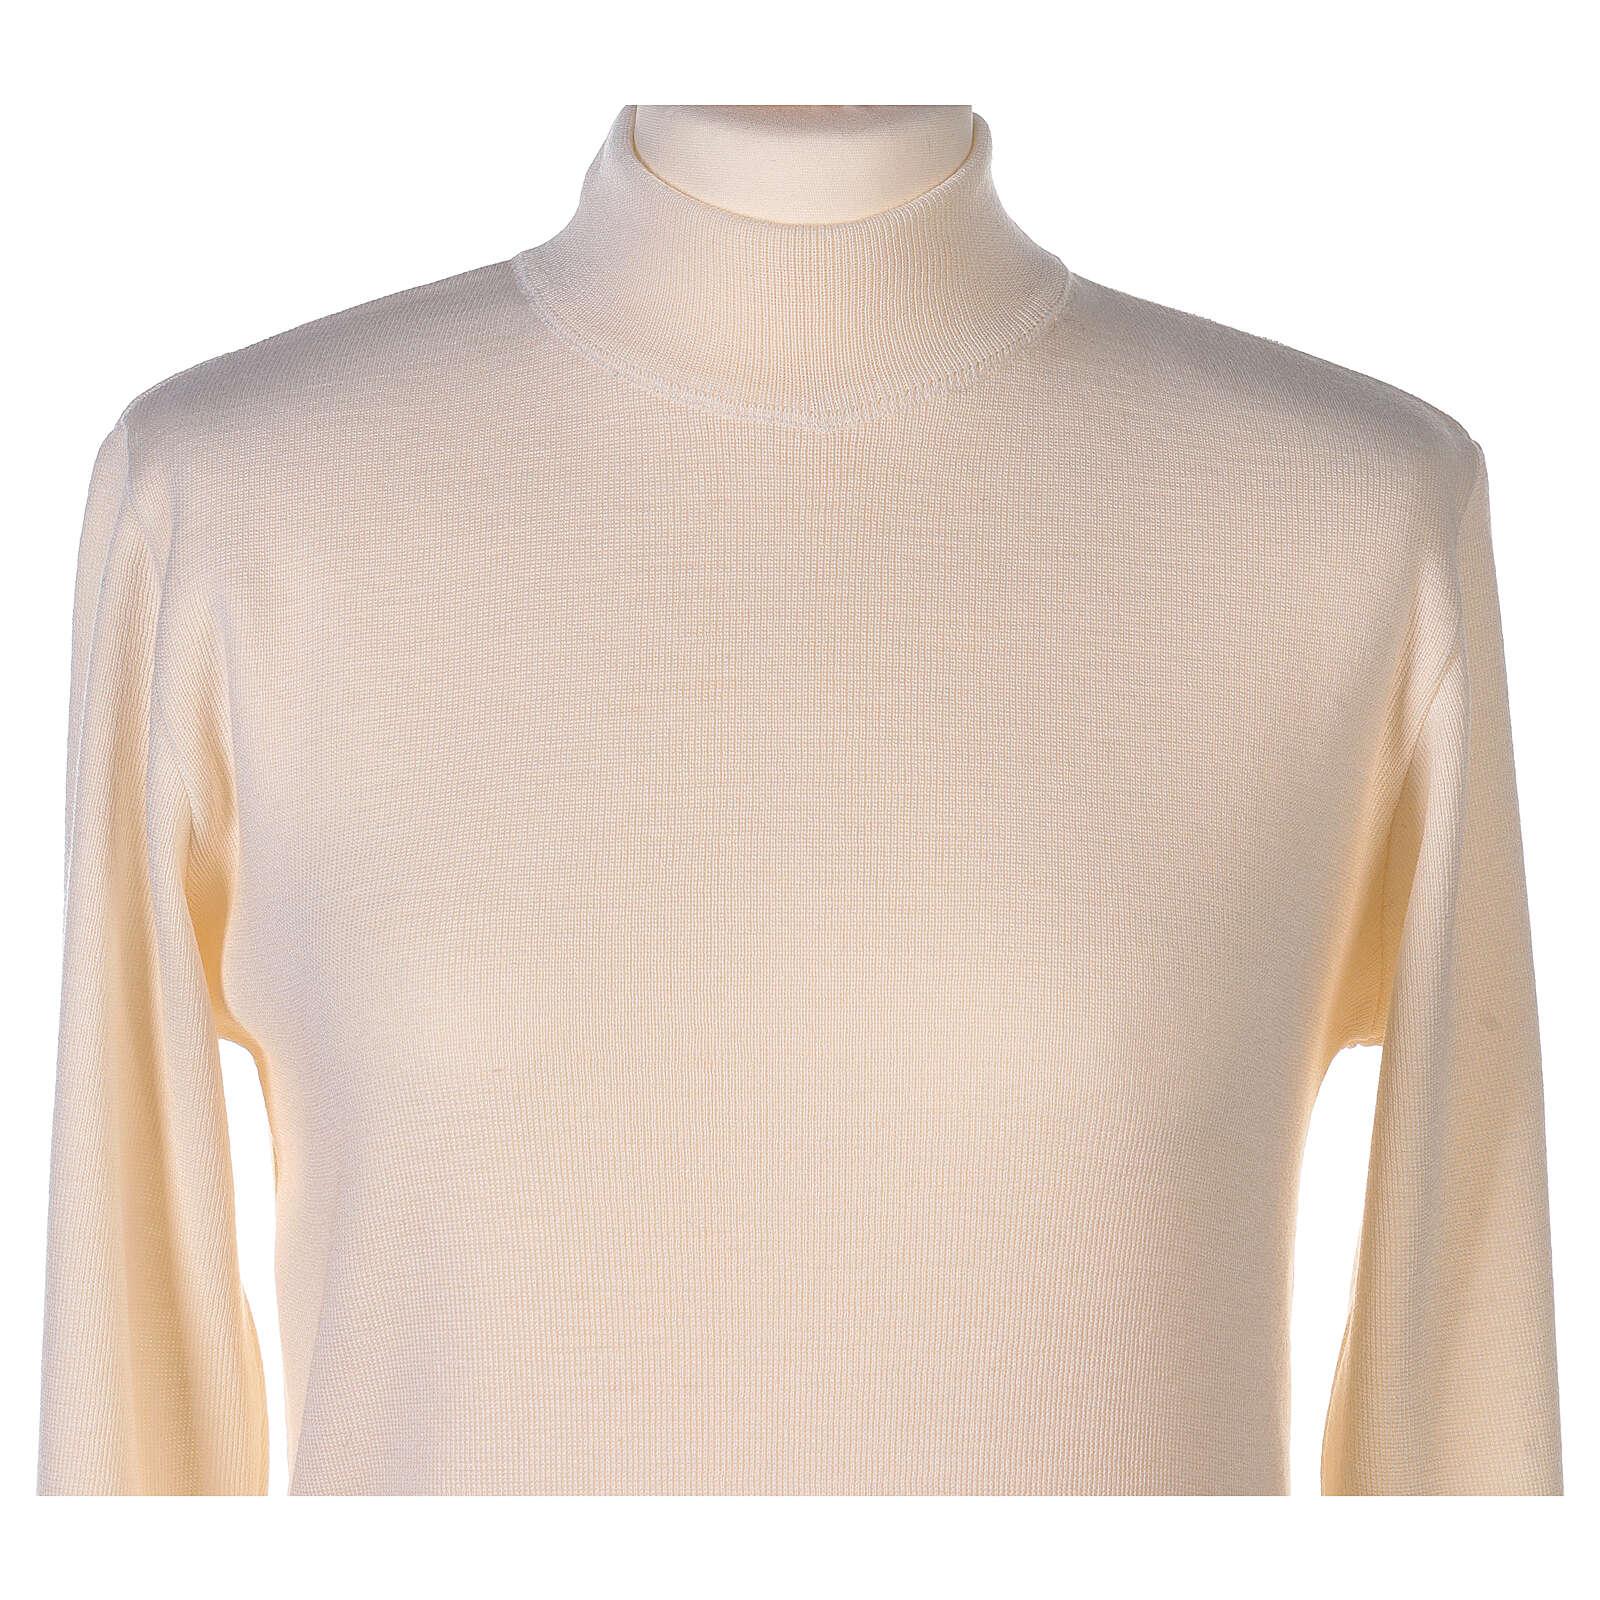 Lupetto bianco suora lavorazione maglia unita 50% lana merino 50% acrilico In Primis 4